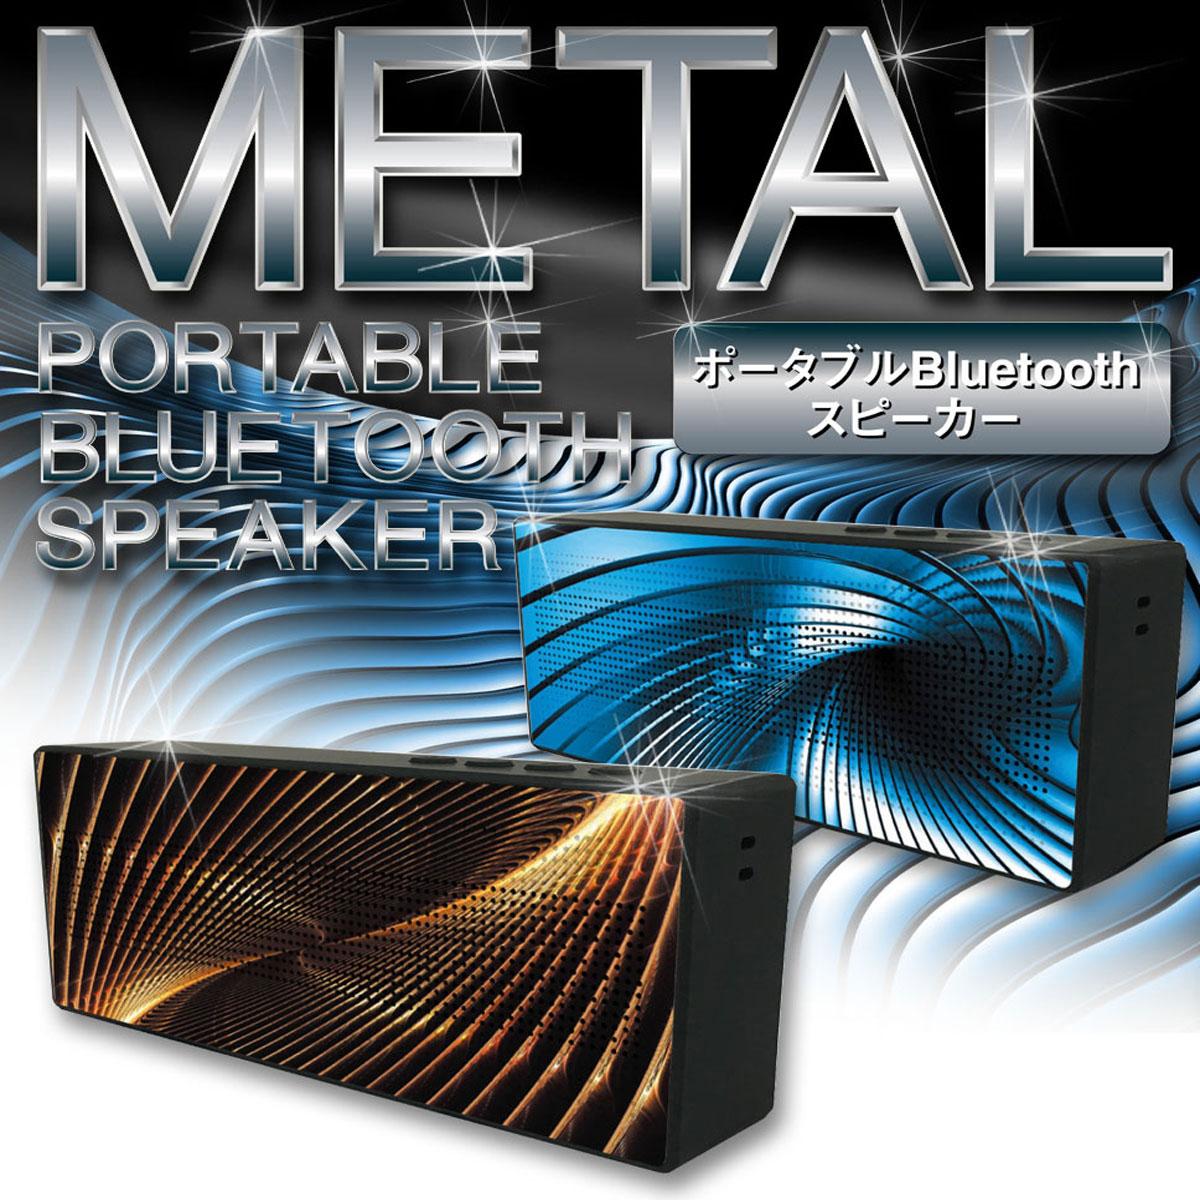 スピーカー Bluetooth 高音質 ブルートゥース スピーカー大音量 ワイヤレス スピーカー ポータブル iPhone Android メタル sp01-014